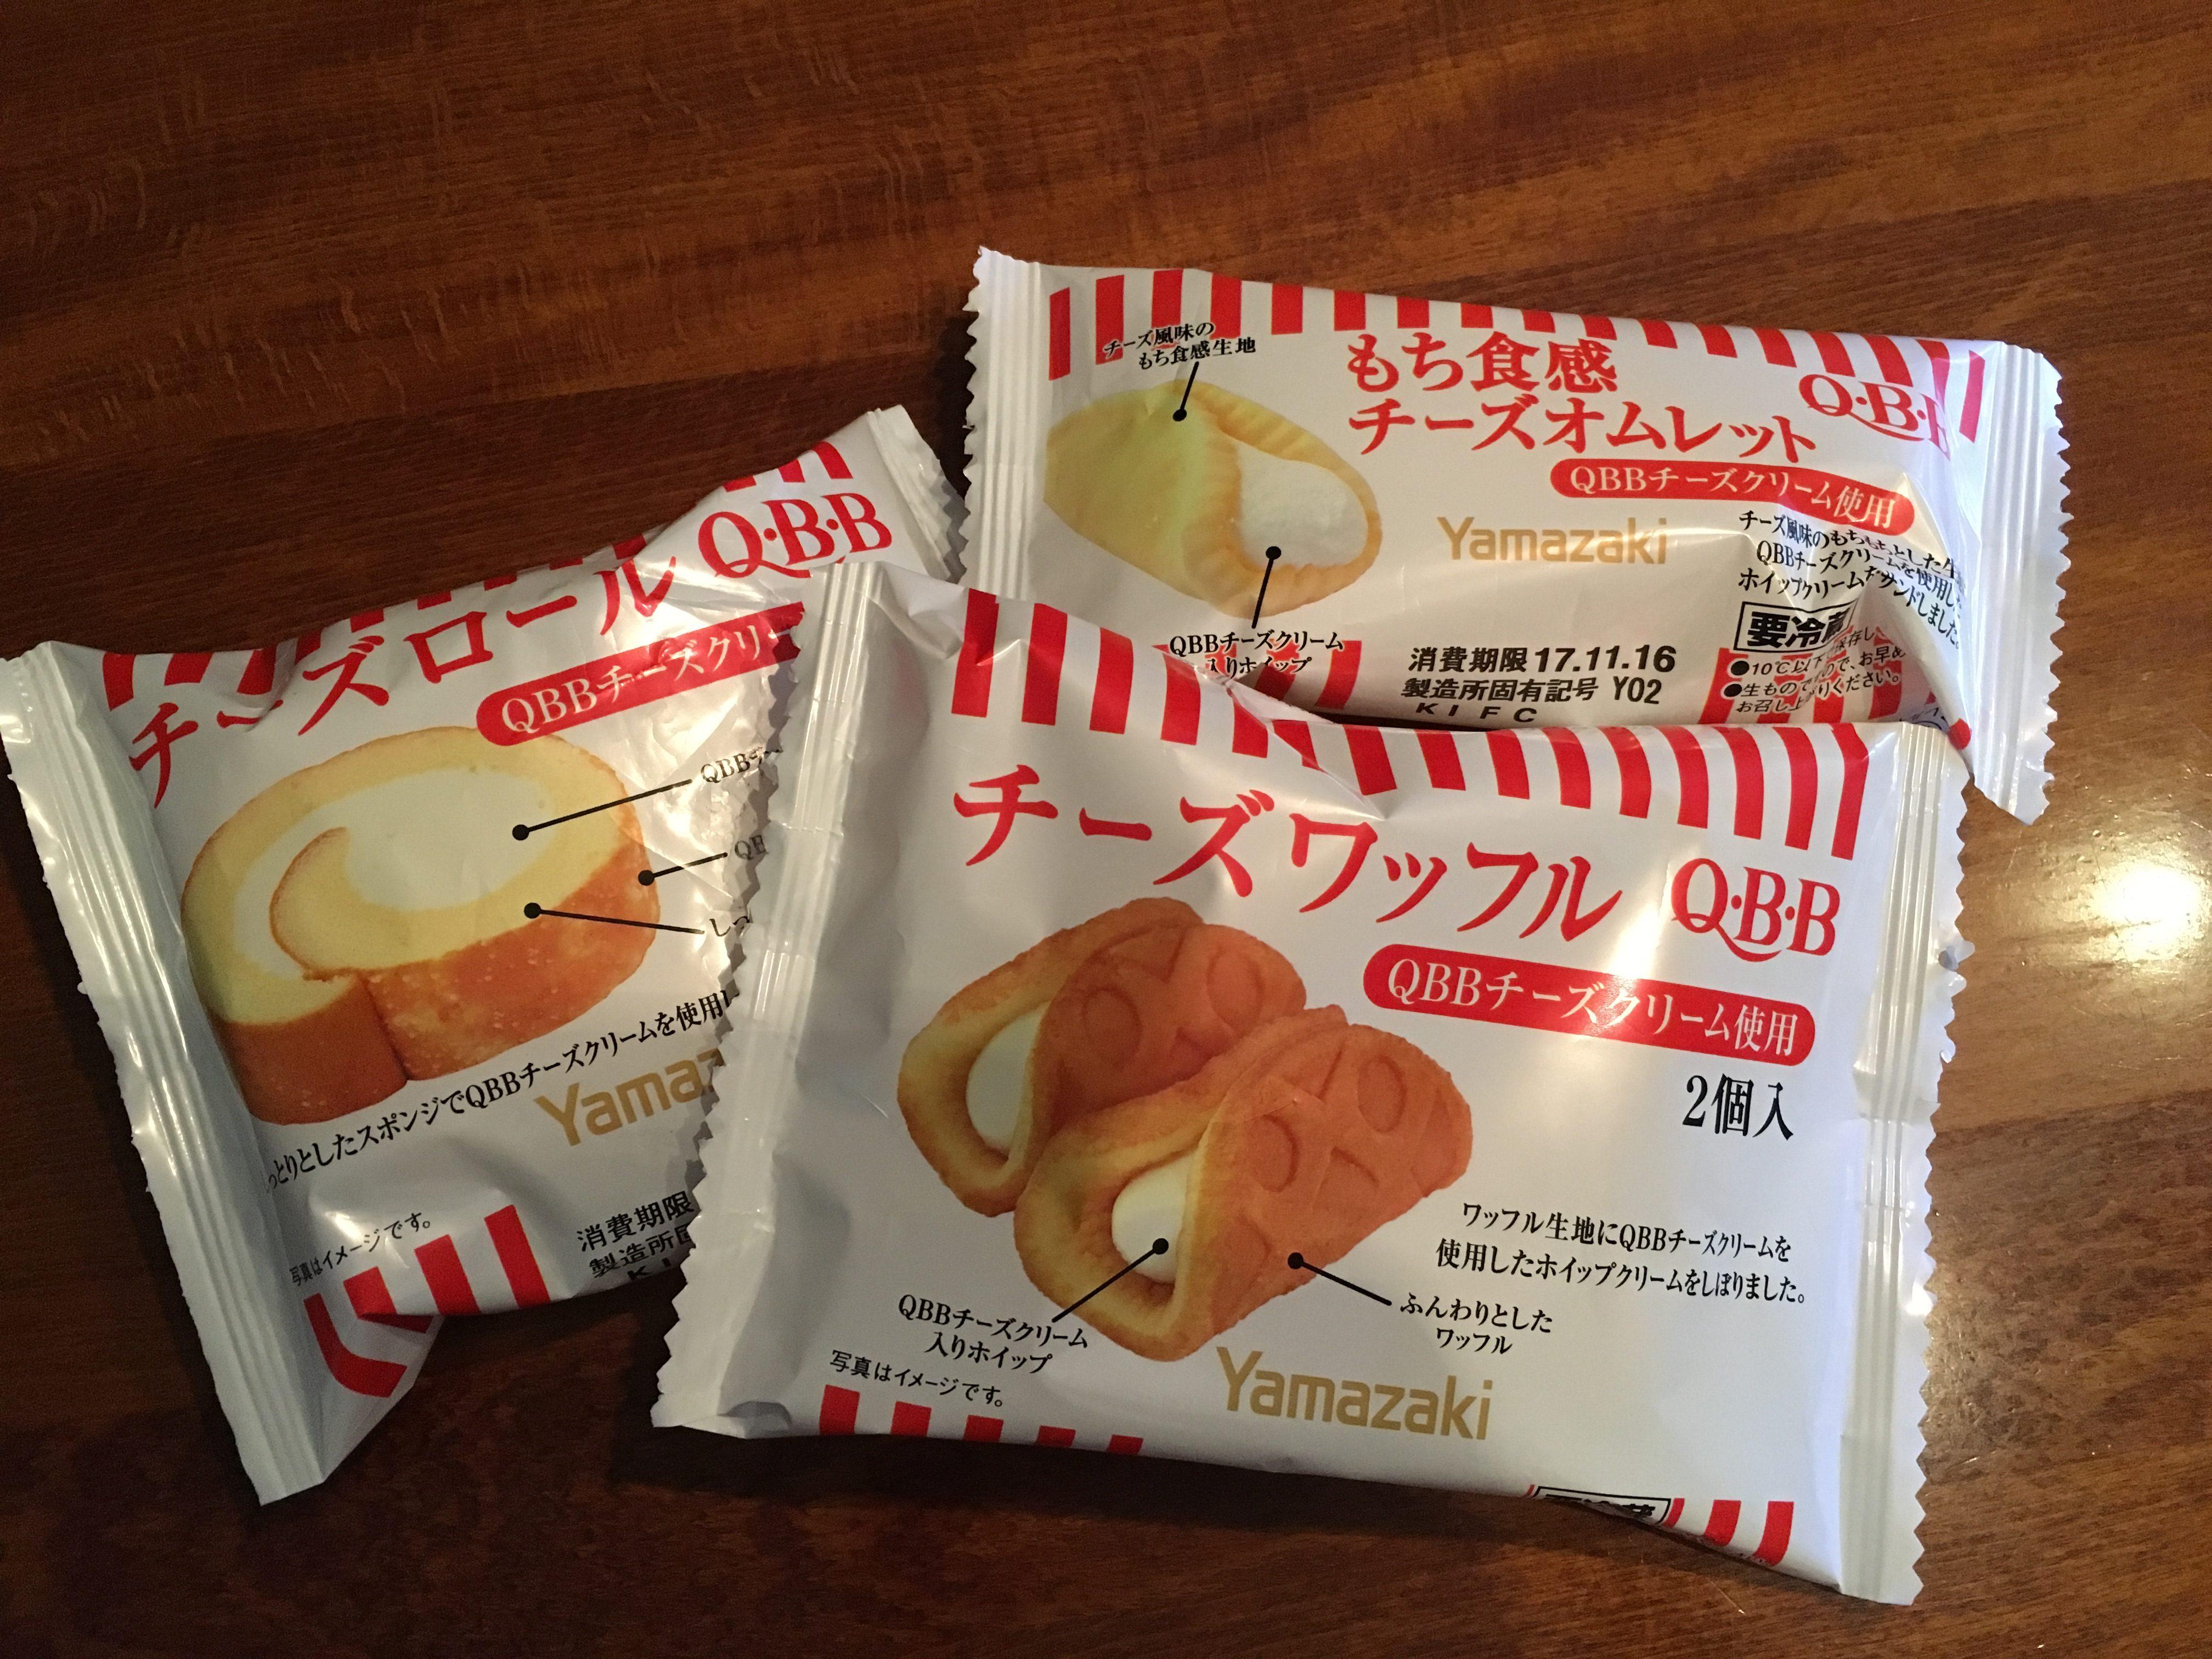 ヤマザキとQBBチーズのコラボスイーツを実食!味やカロリーは?